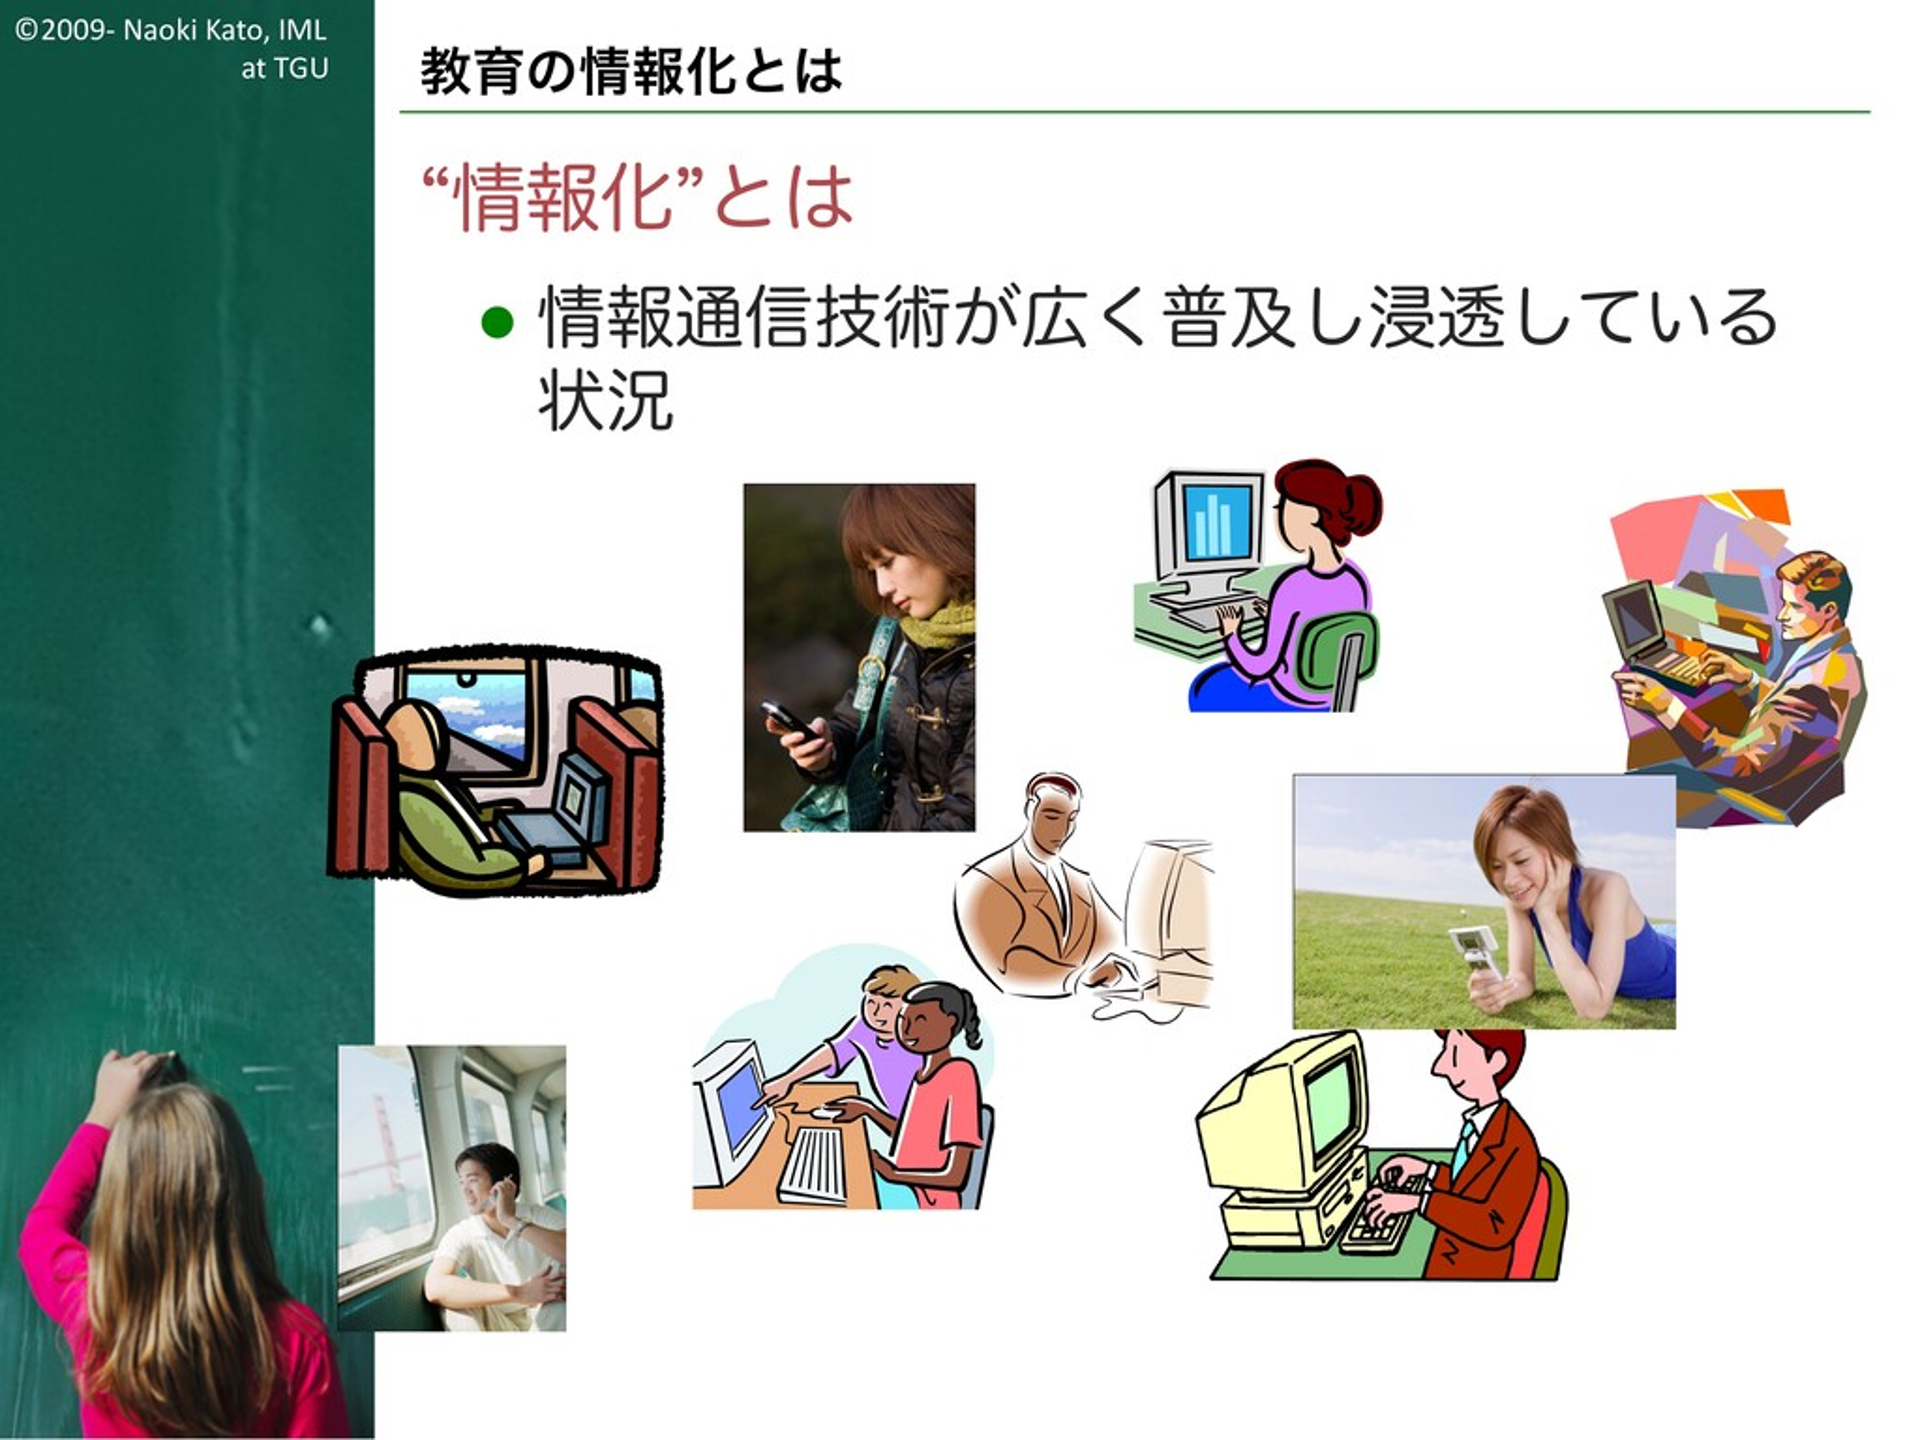 """©2009- Naoki Kato, IML at TGU 教育の情報化とは """"情報化""""とは ..."""